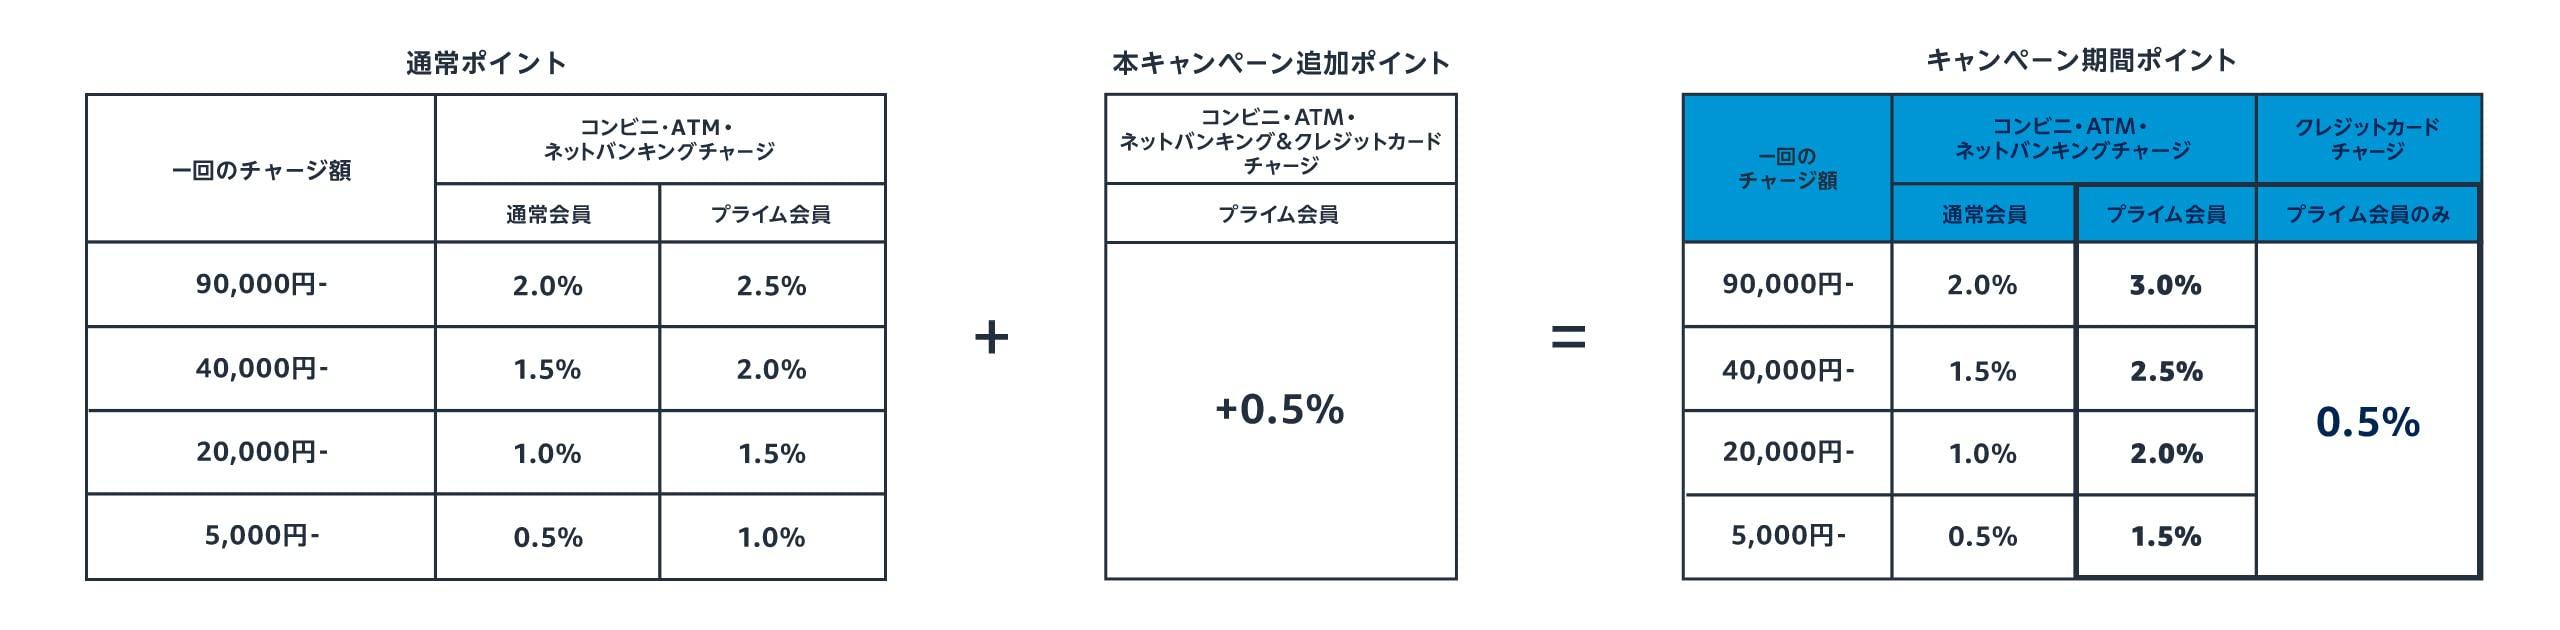 ポイント付与率